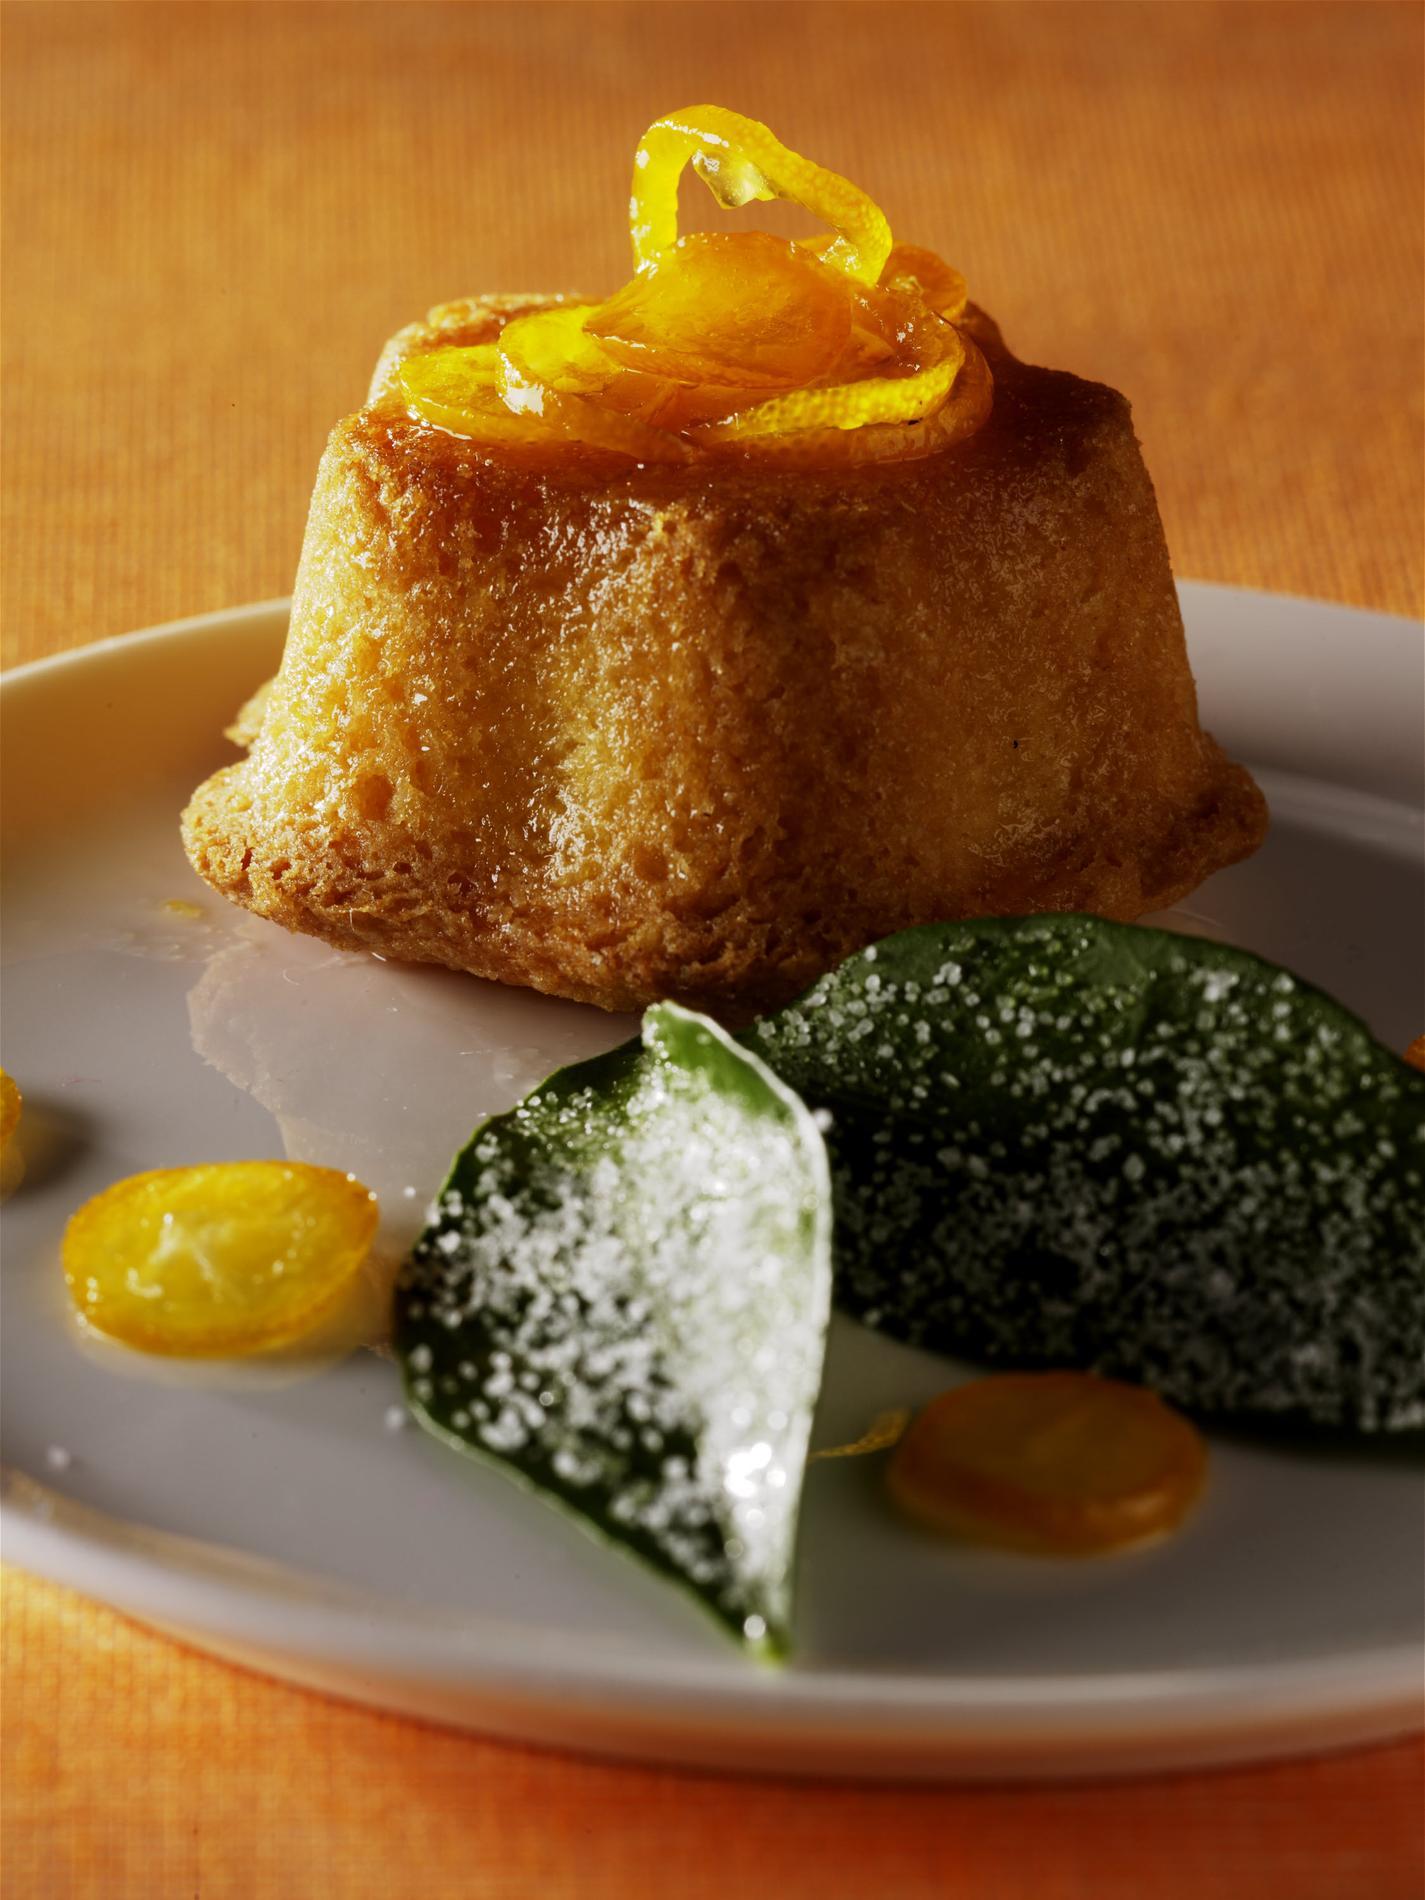 Cake au citron et kumquats